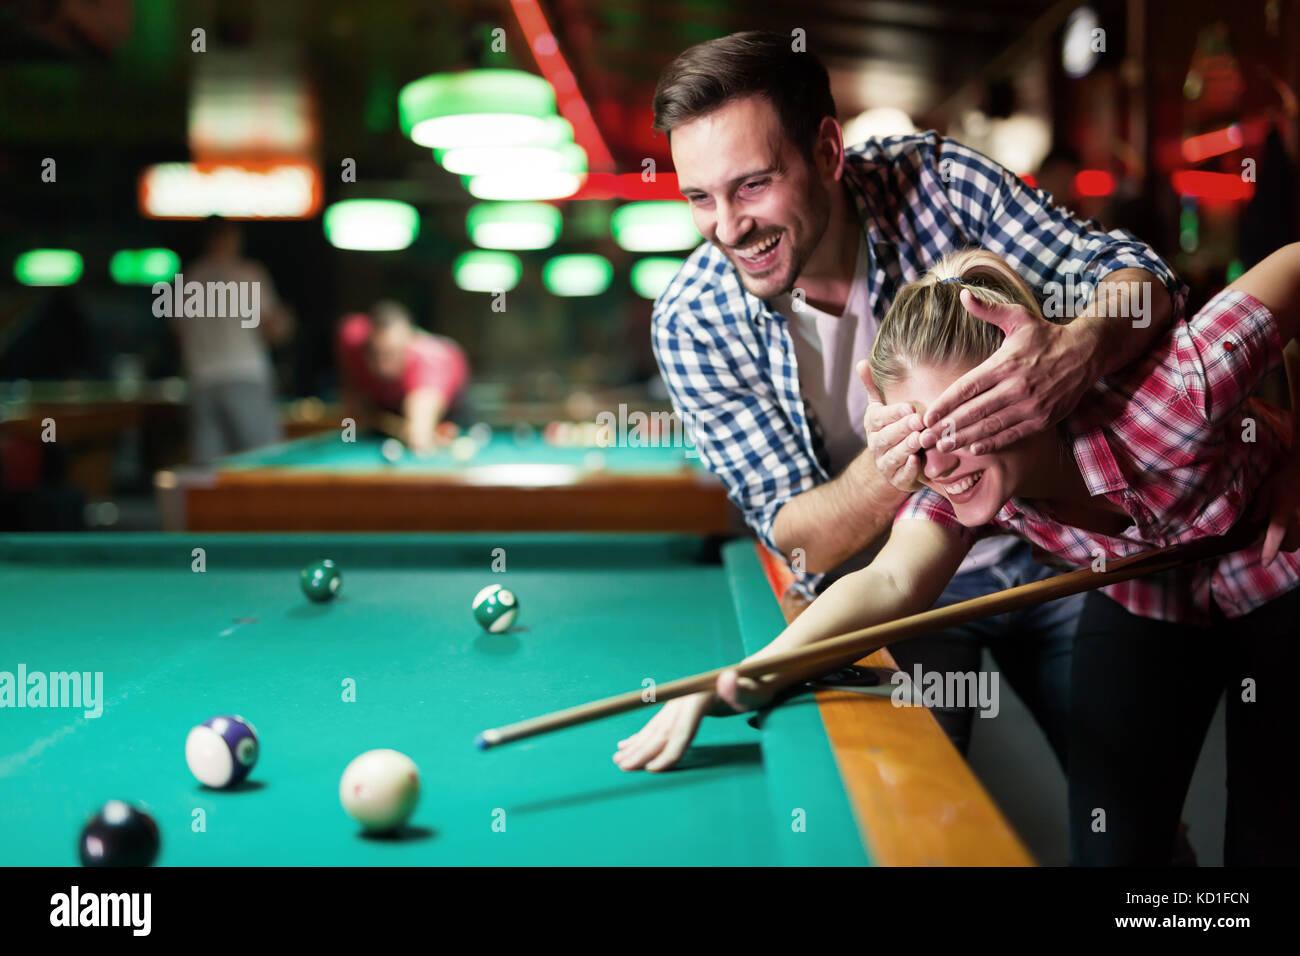 Pareja joven jugando juntos en el bar de piscina Imagen De Stock